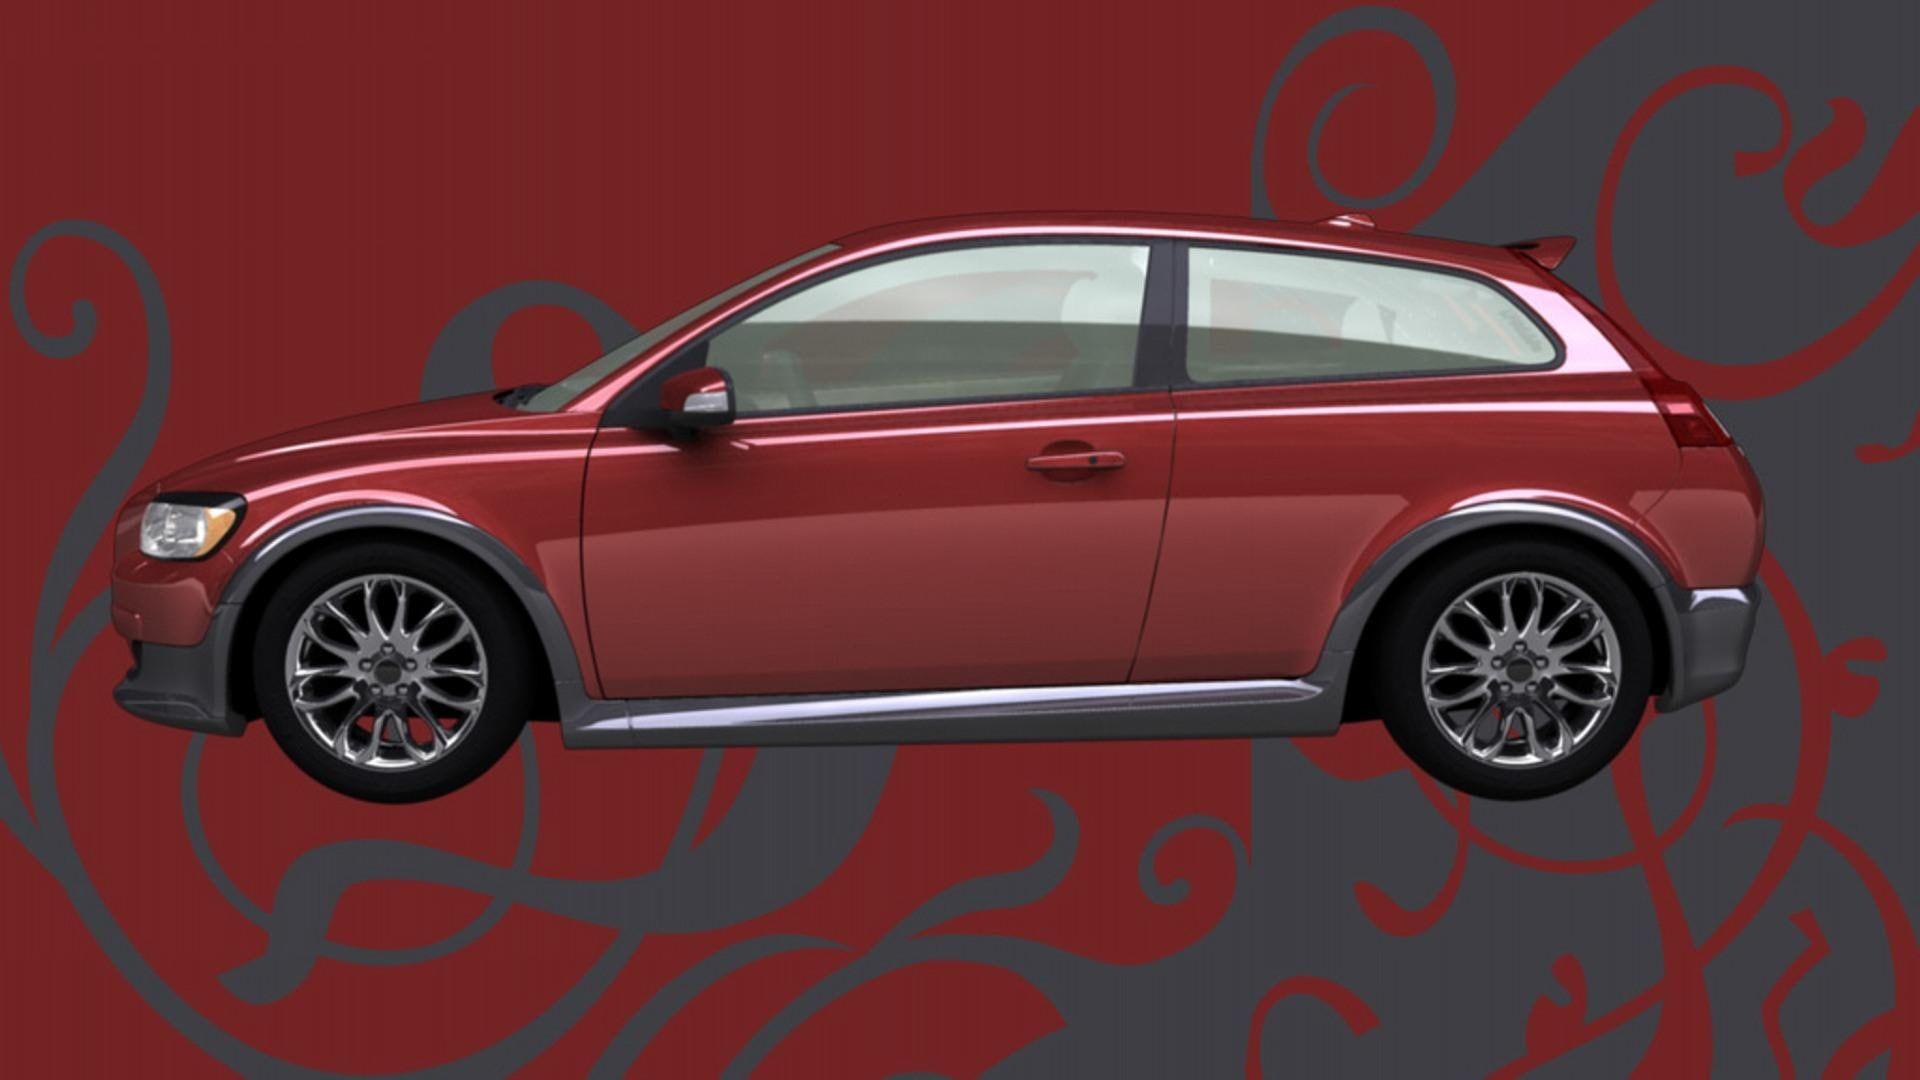 Volvo C30 Ev 2010 Volvo C30 Car 1080p Wallpaper Hdwallpaper Desktop Volvo C30 Volvo Car